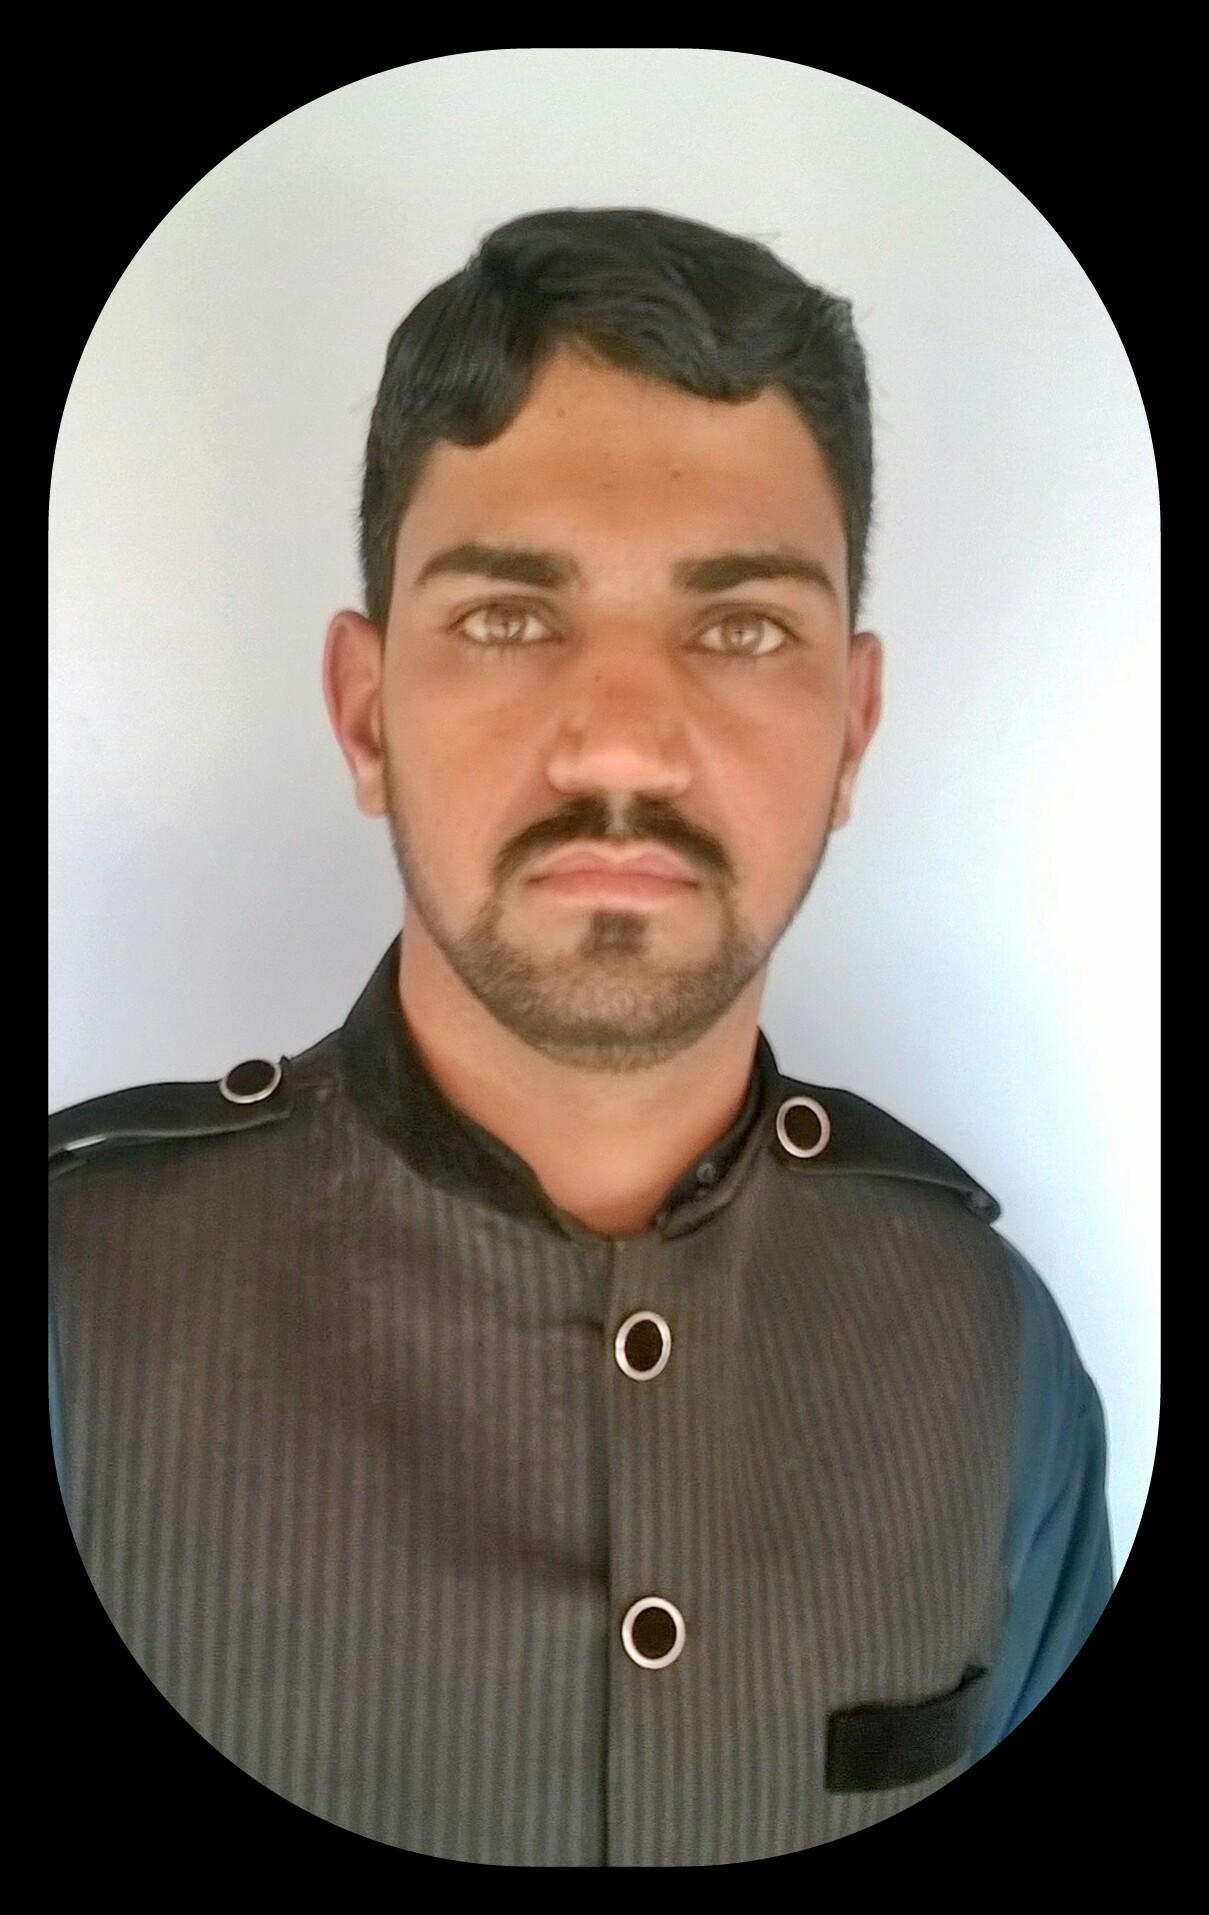 Shafat Aziz